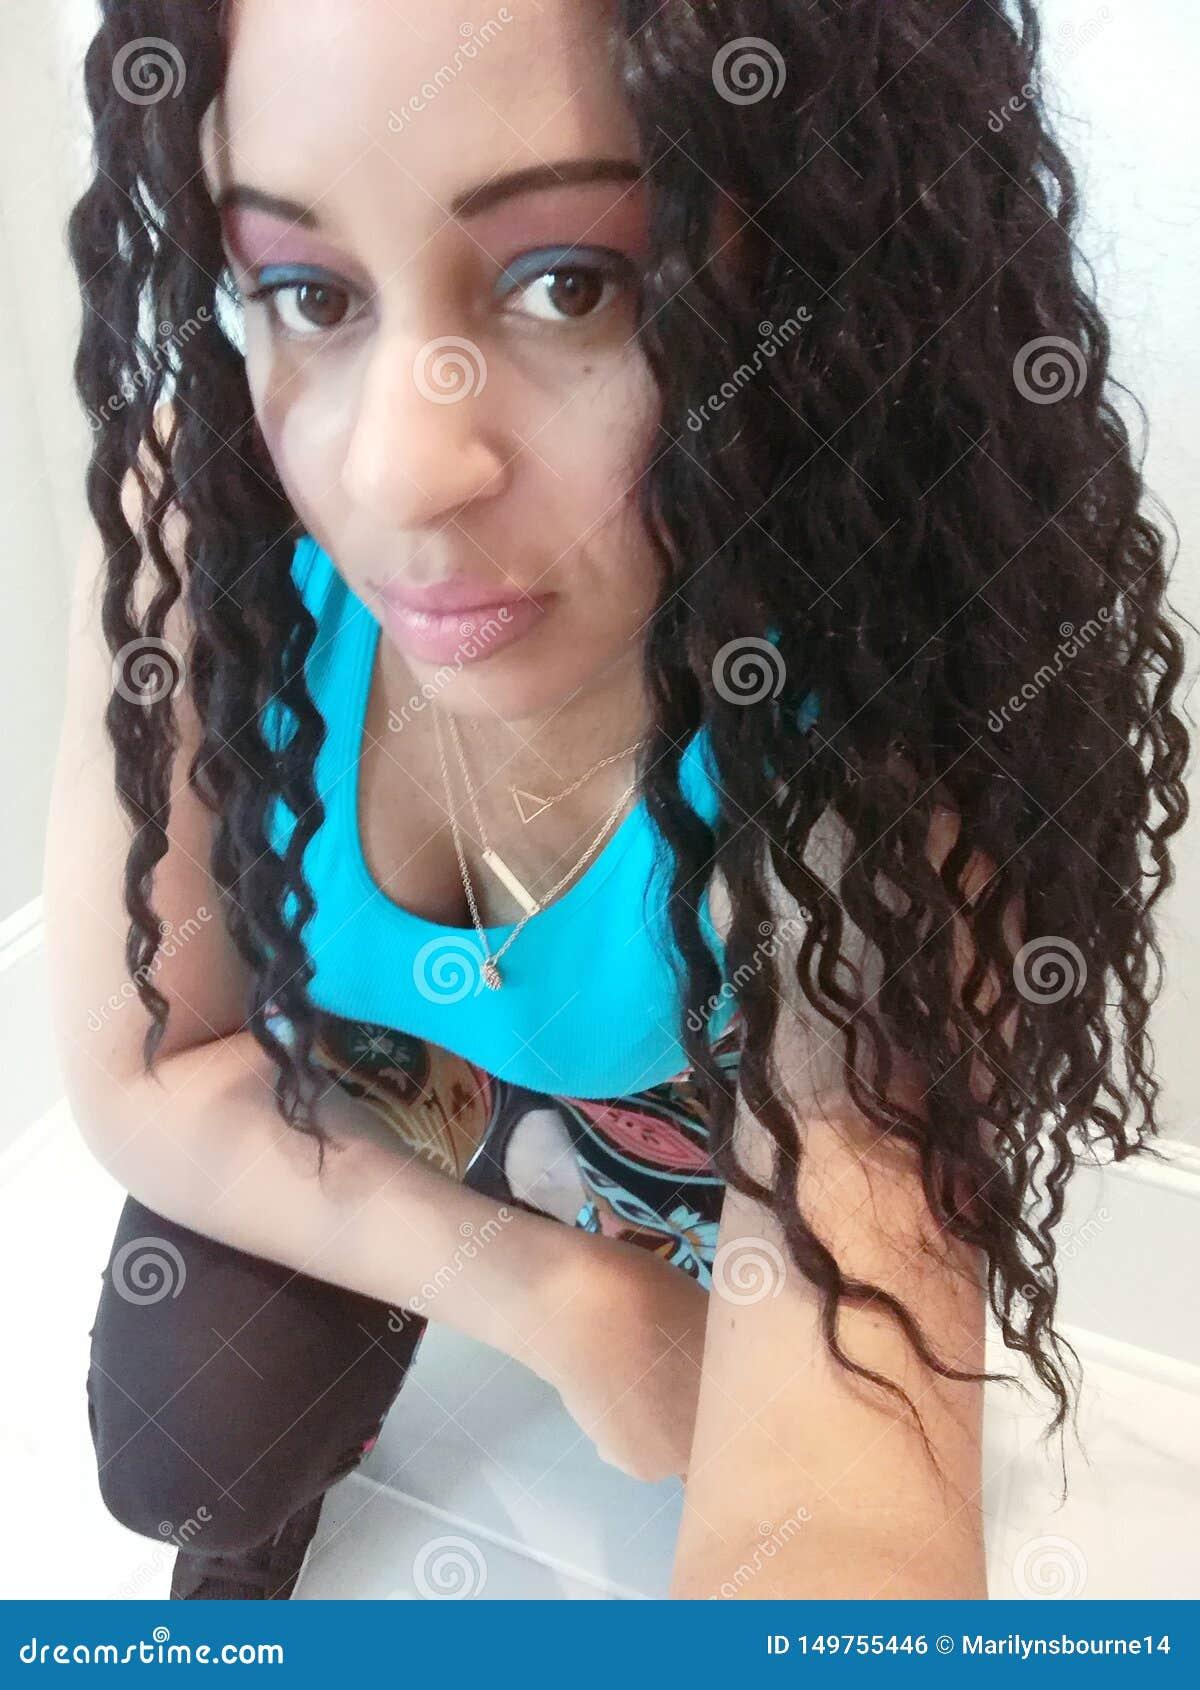 Bella donna con capelli ricci che si esercita in una cima blu